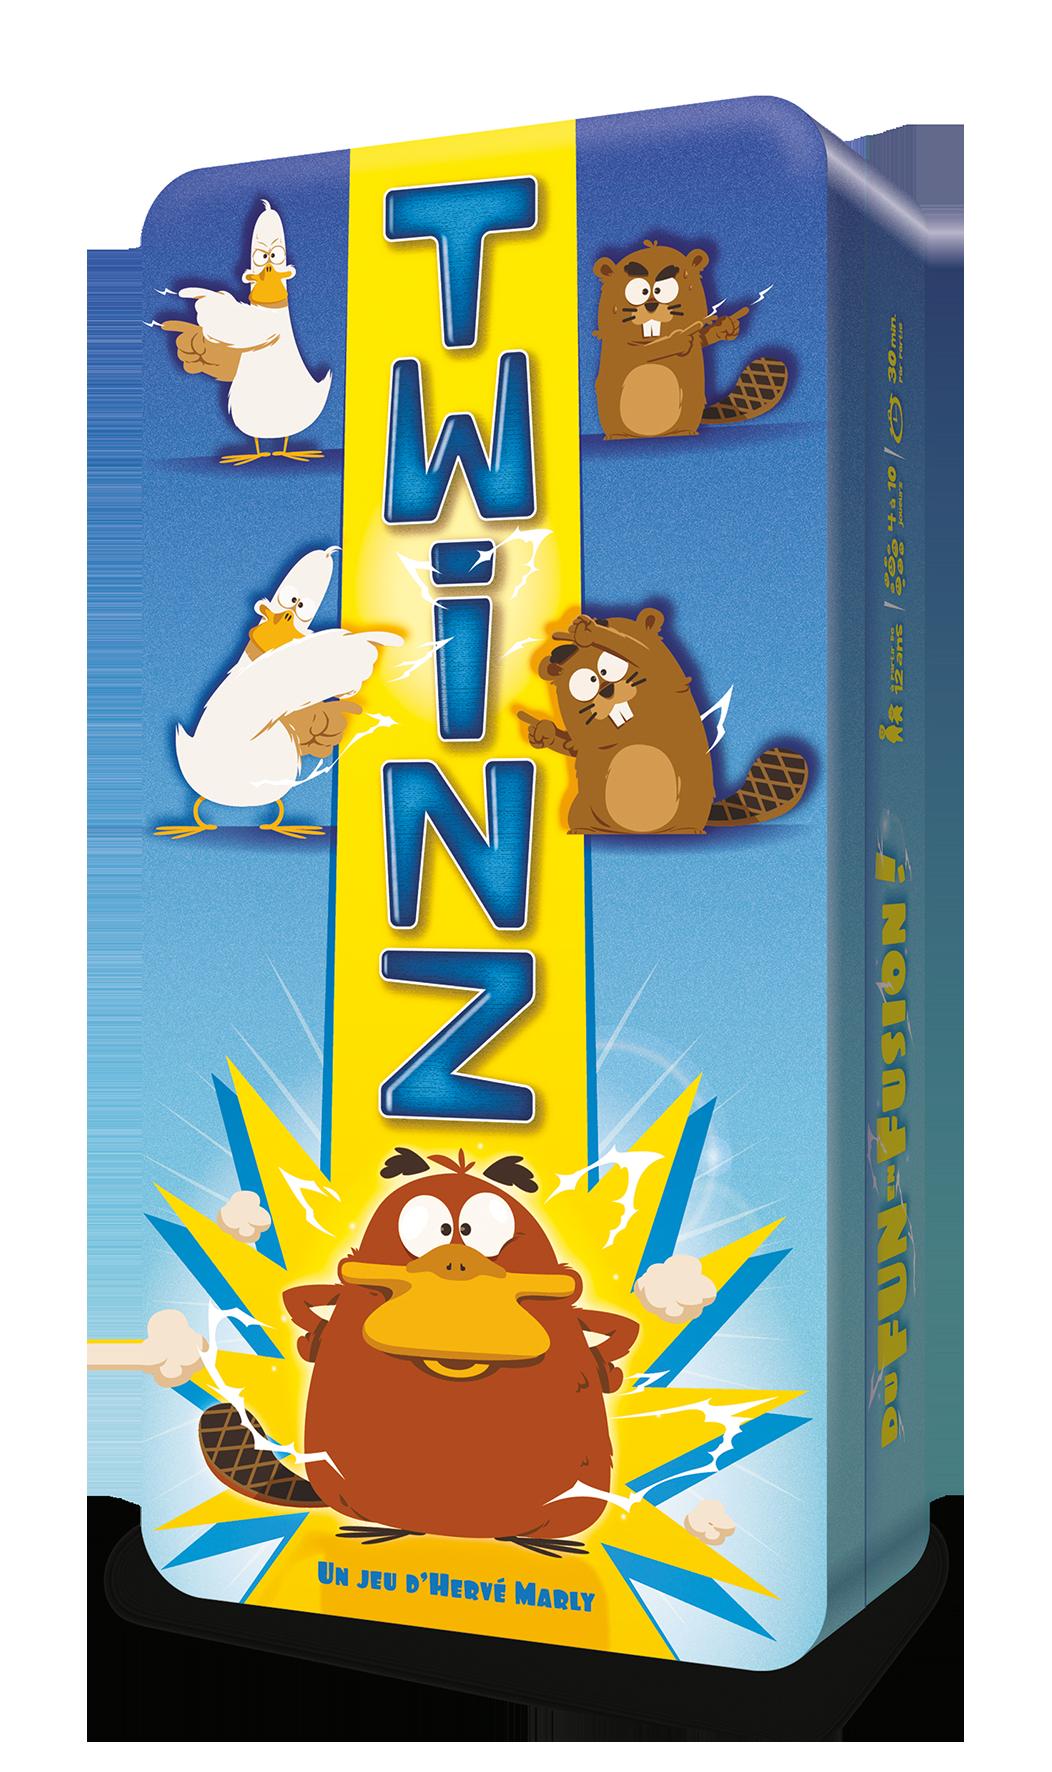 Twinz_Box_3D (1)